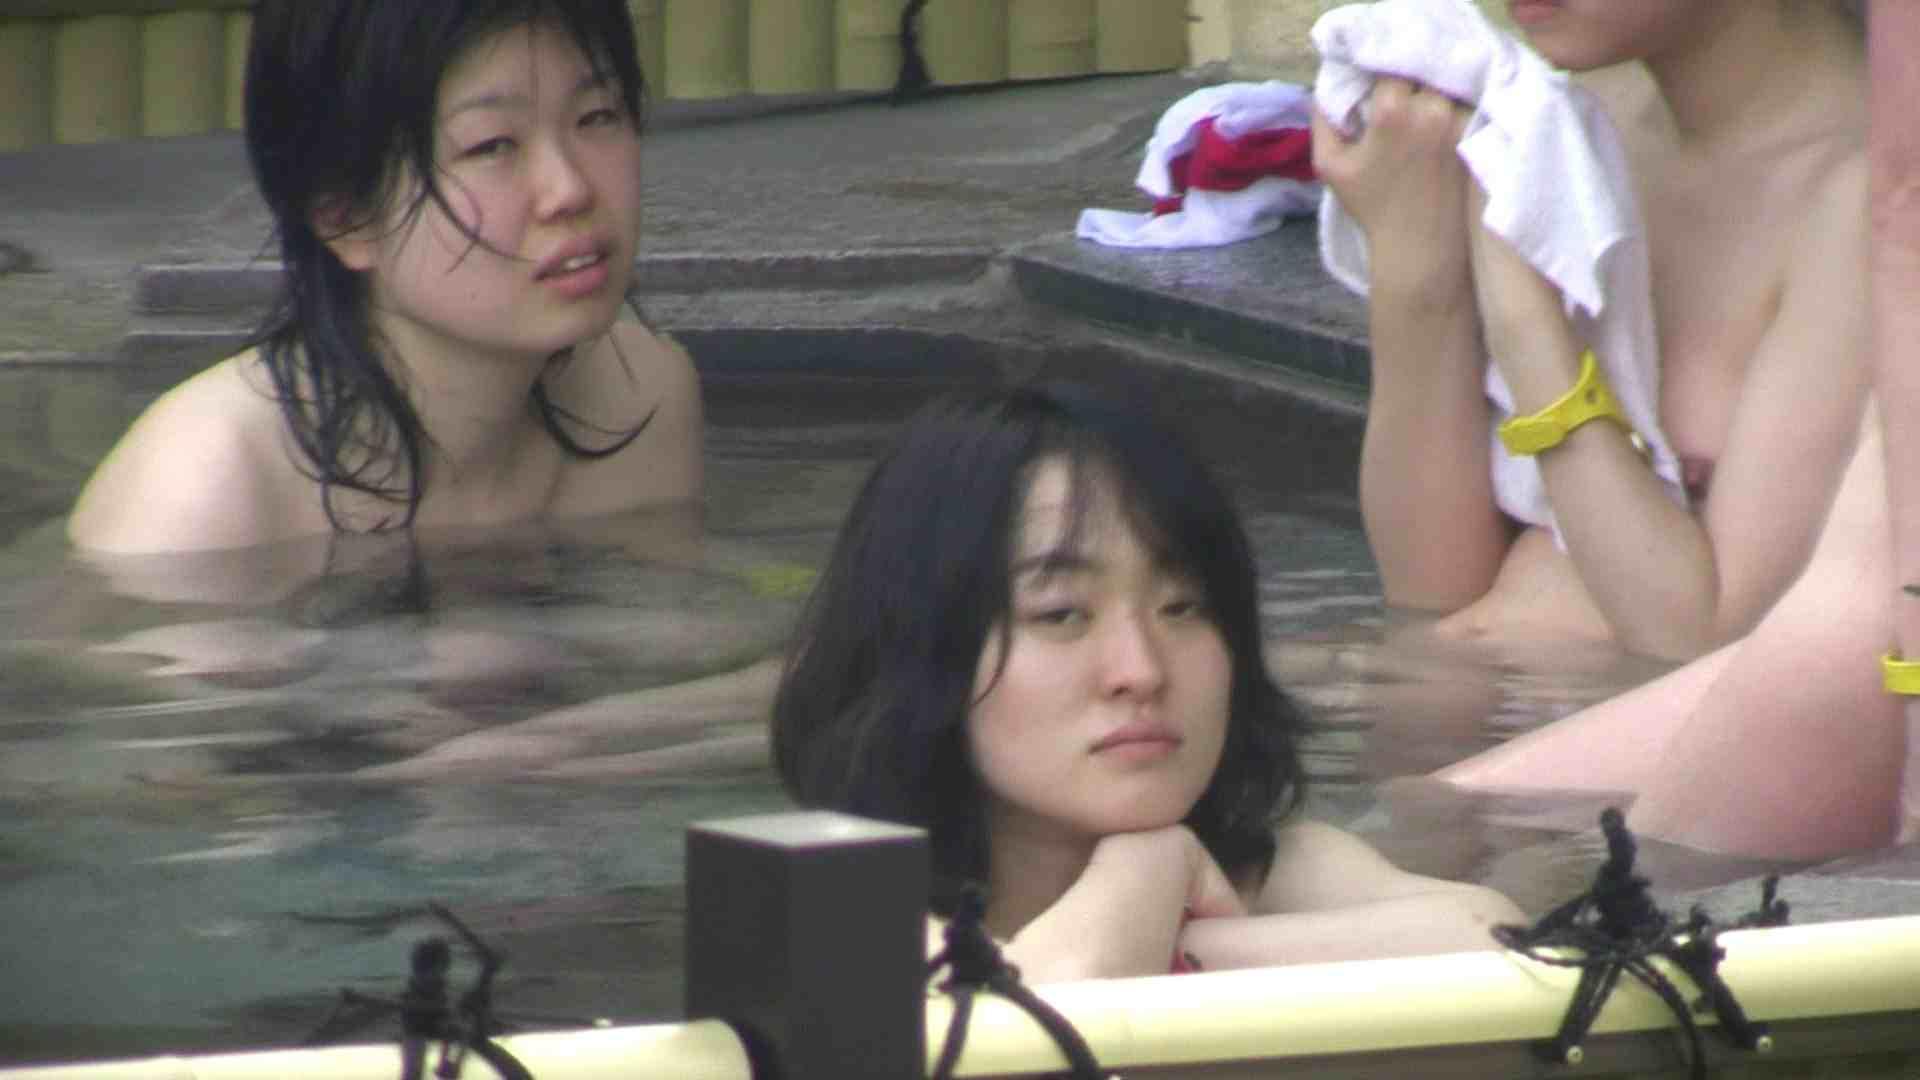 Aquaな露天風呂Vol.681 OLのエロ生活  63連発 3